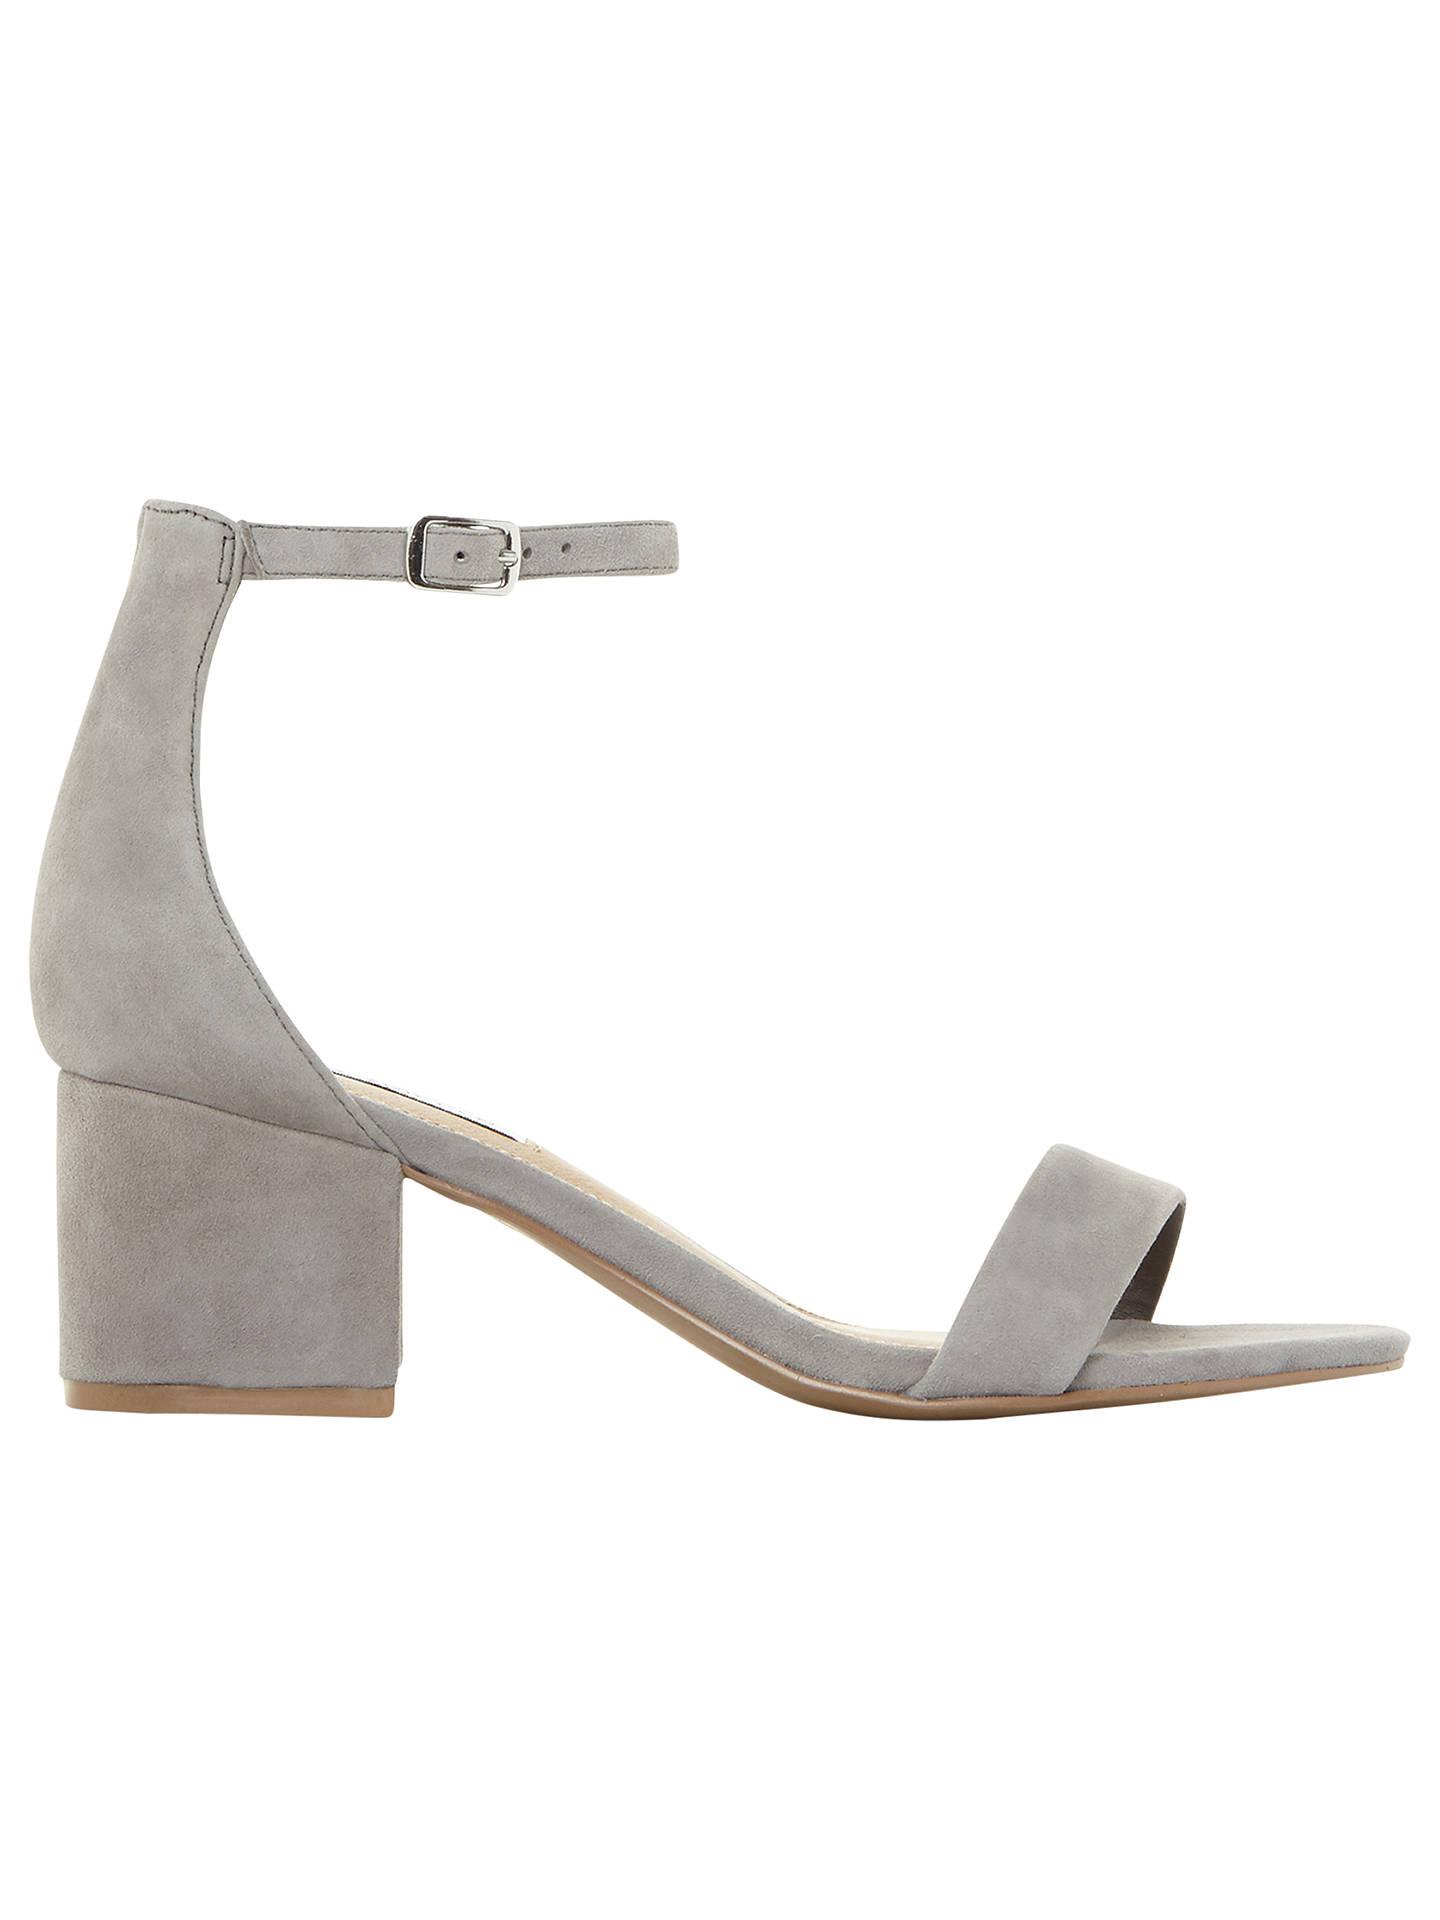 a5cfad0856 Buy Steve Madden New Irenee Block Heel Sandals, Grey Suede, 3 Online at  johnlewis ...